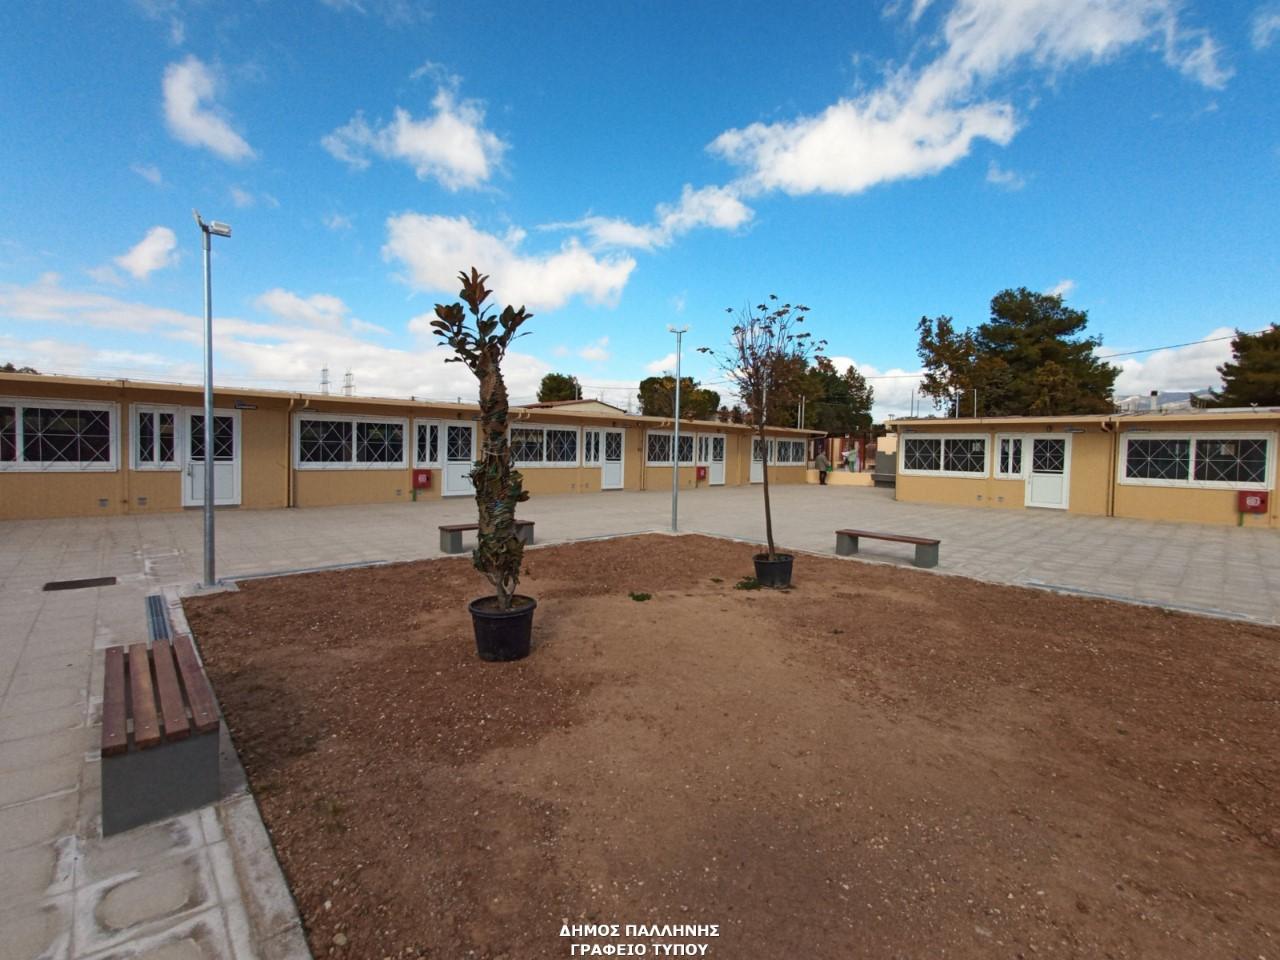 Ξεκίνησε η μεταστέγαση του 7ου Δημοτικού Σχολείου και του 7ου Νηπιαγωγείου Παλλήνης